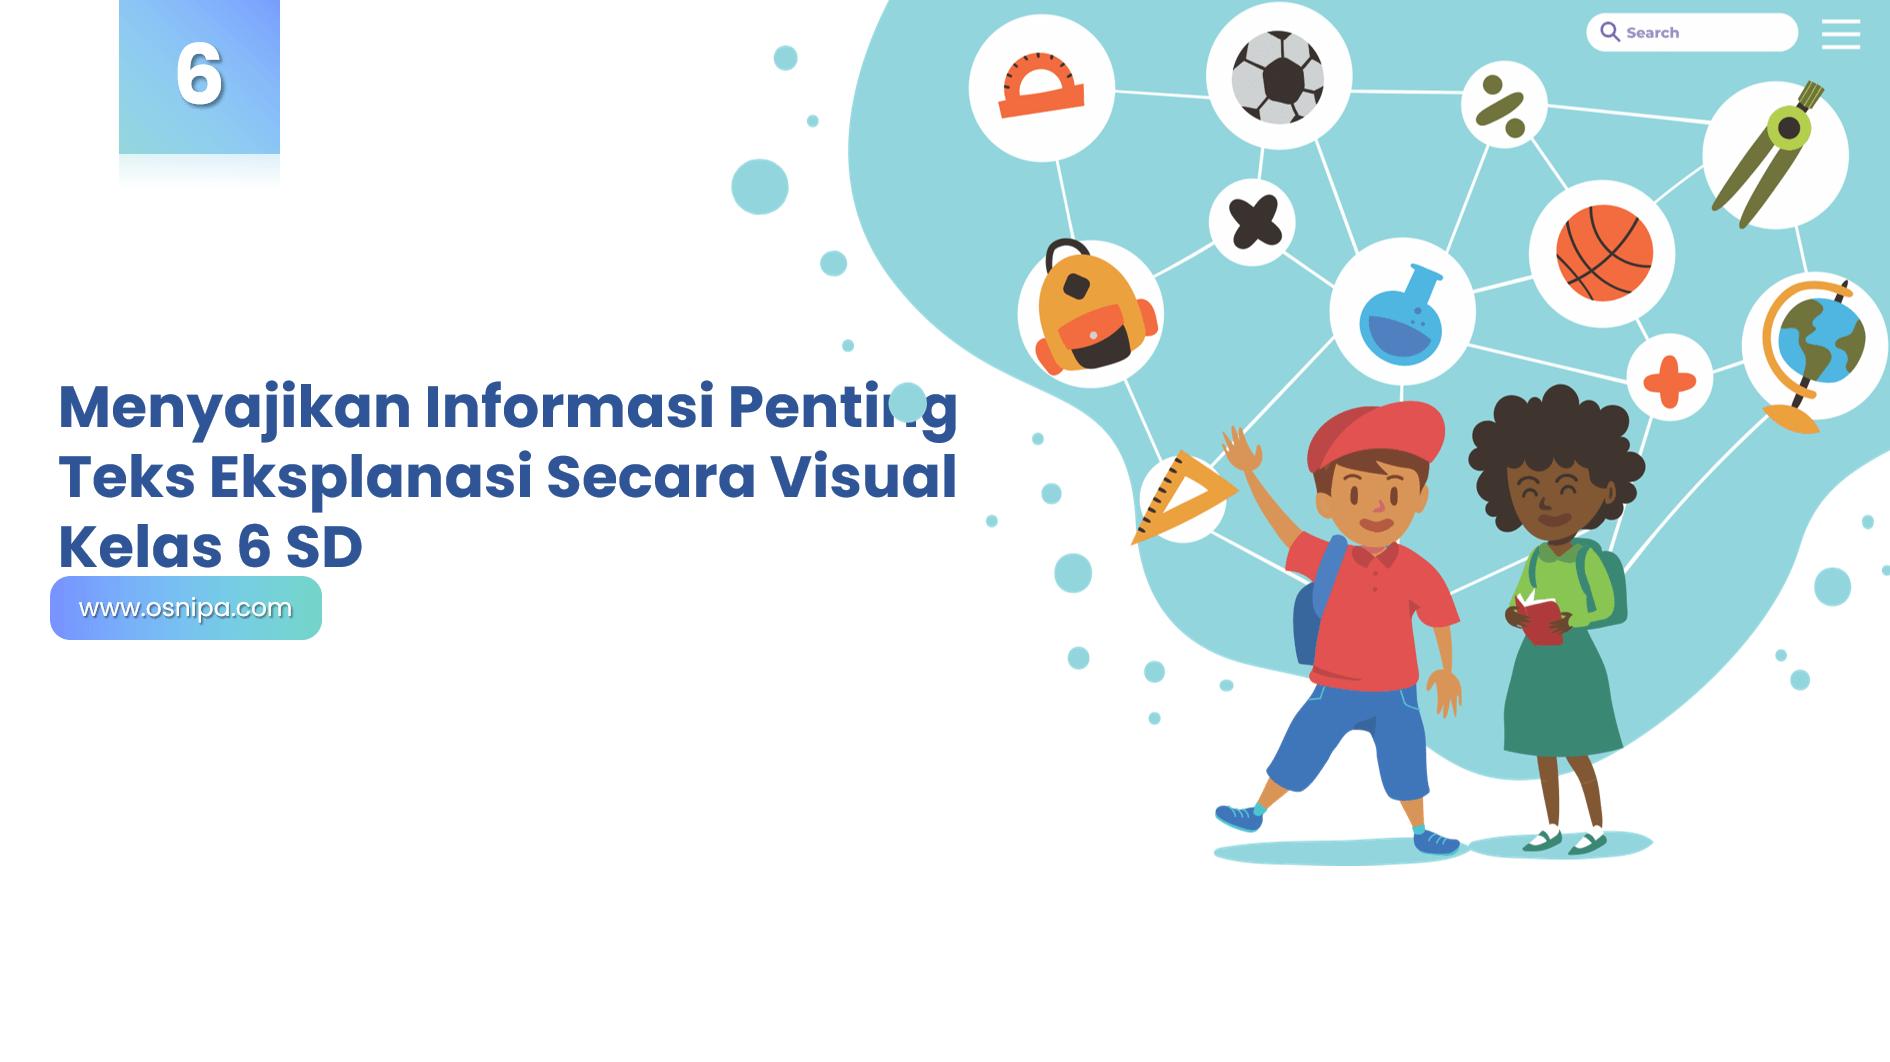 Menyajikan Informasi Penting Teks Eksplanasi Secara Visual Kelas 6 SD